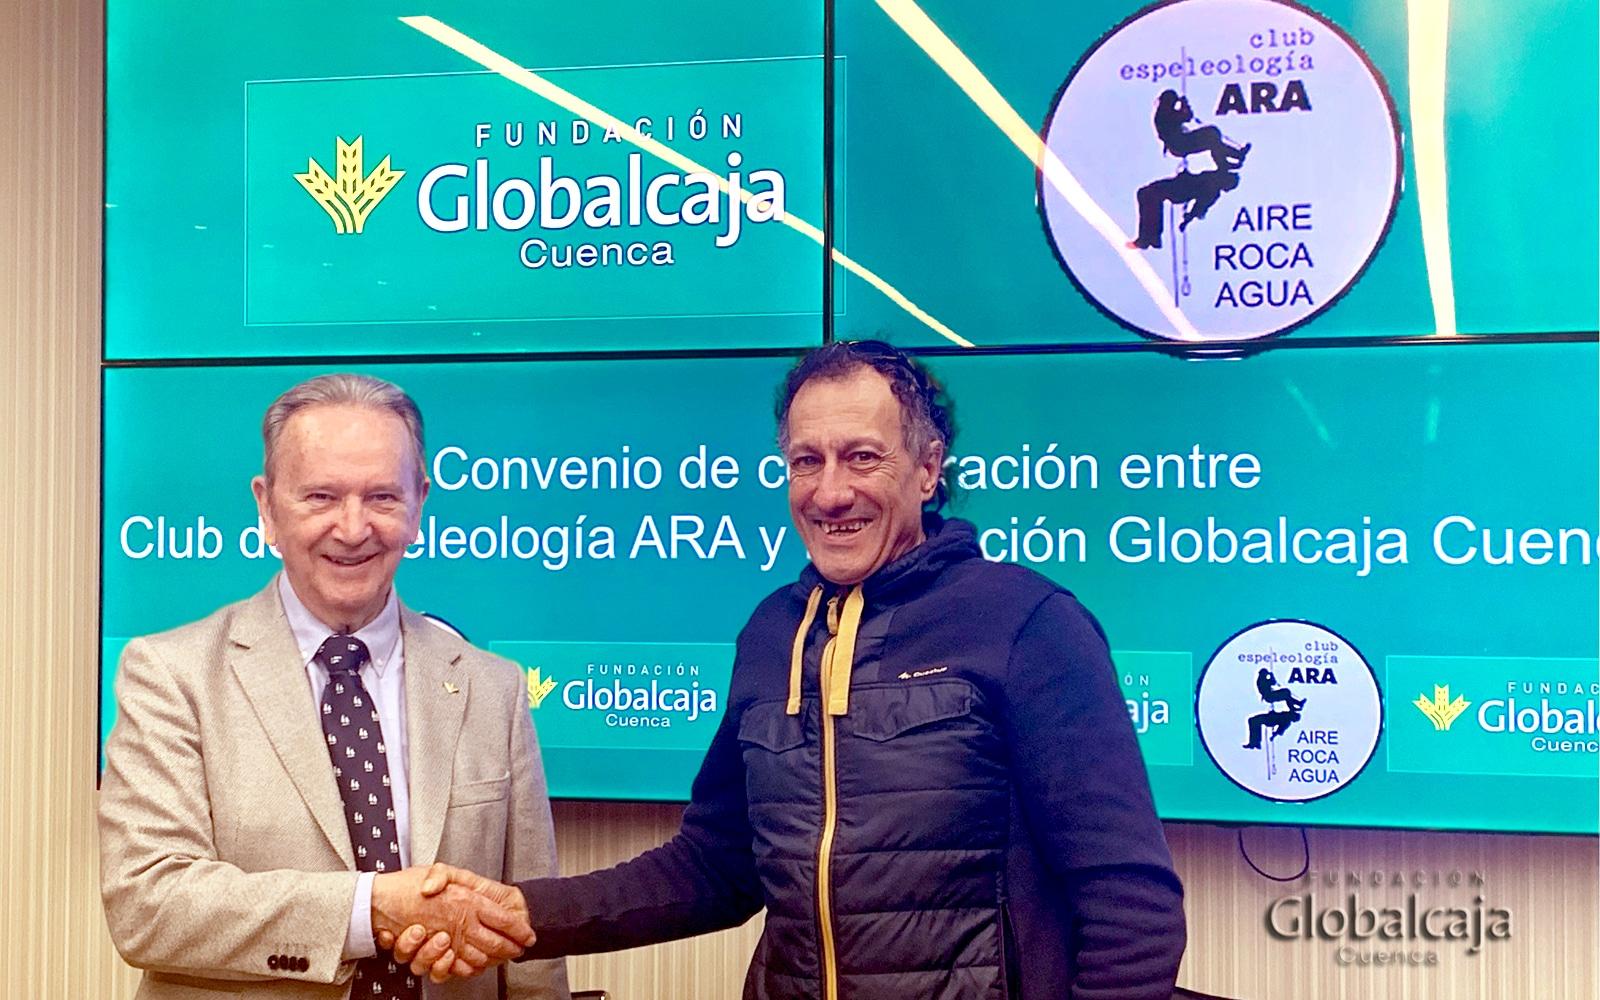 https://blog.globalcaja.es/wp-content/uploads/2019/03/Convenio-CD-ARA.jpeg